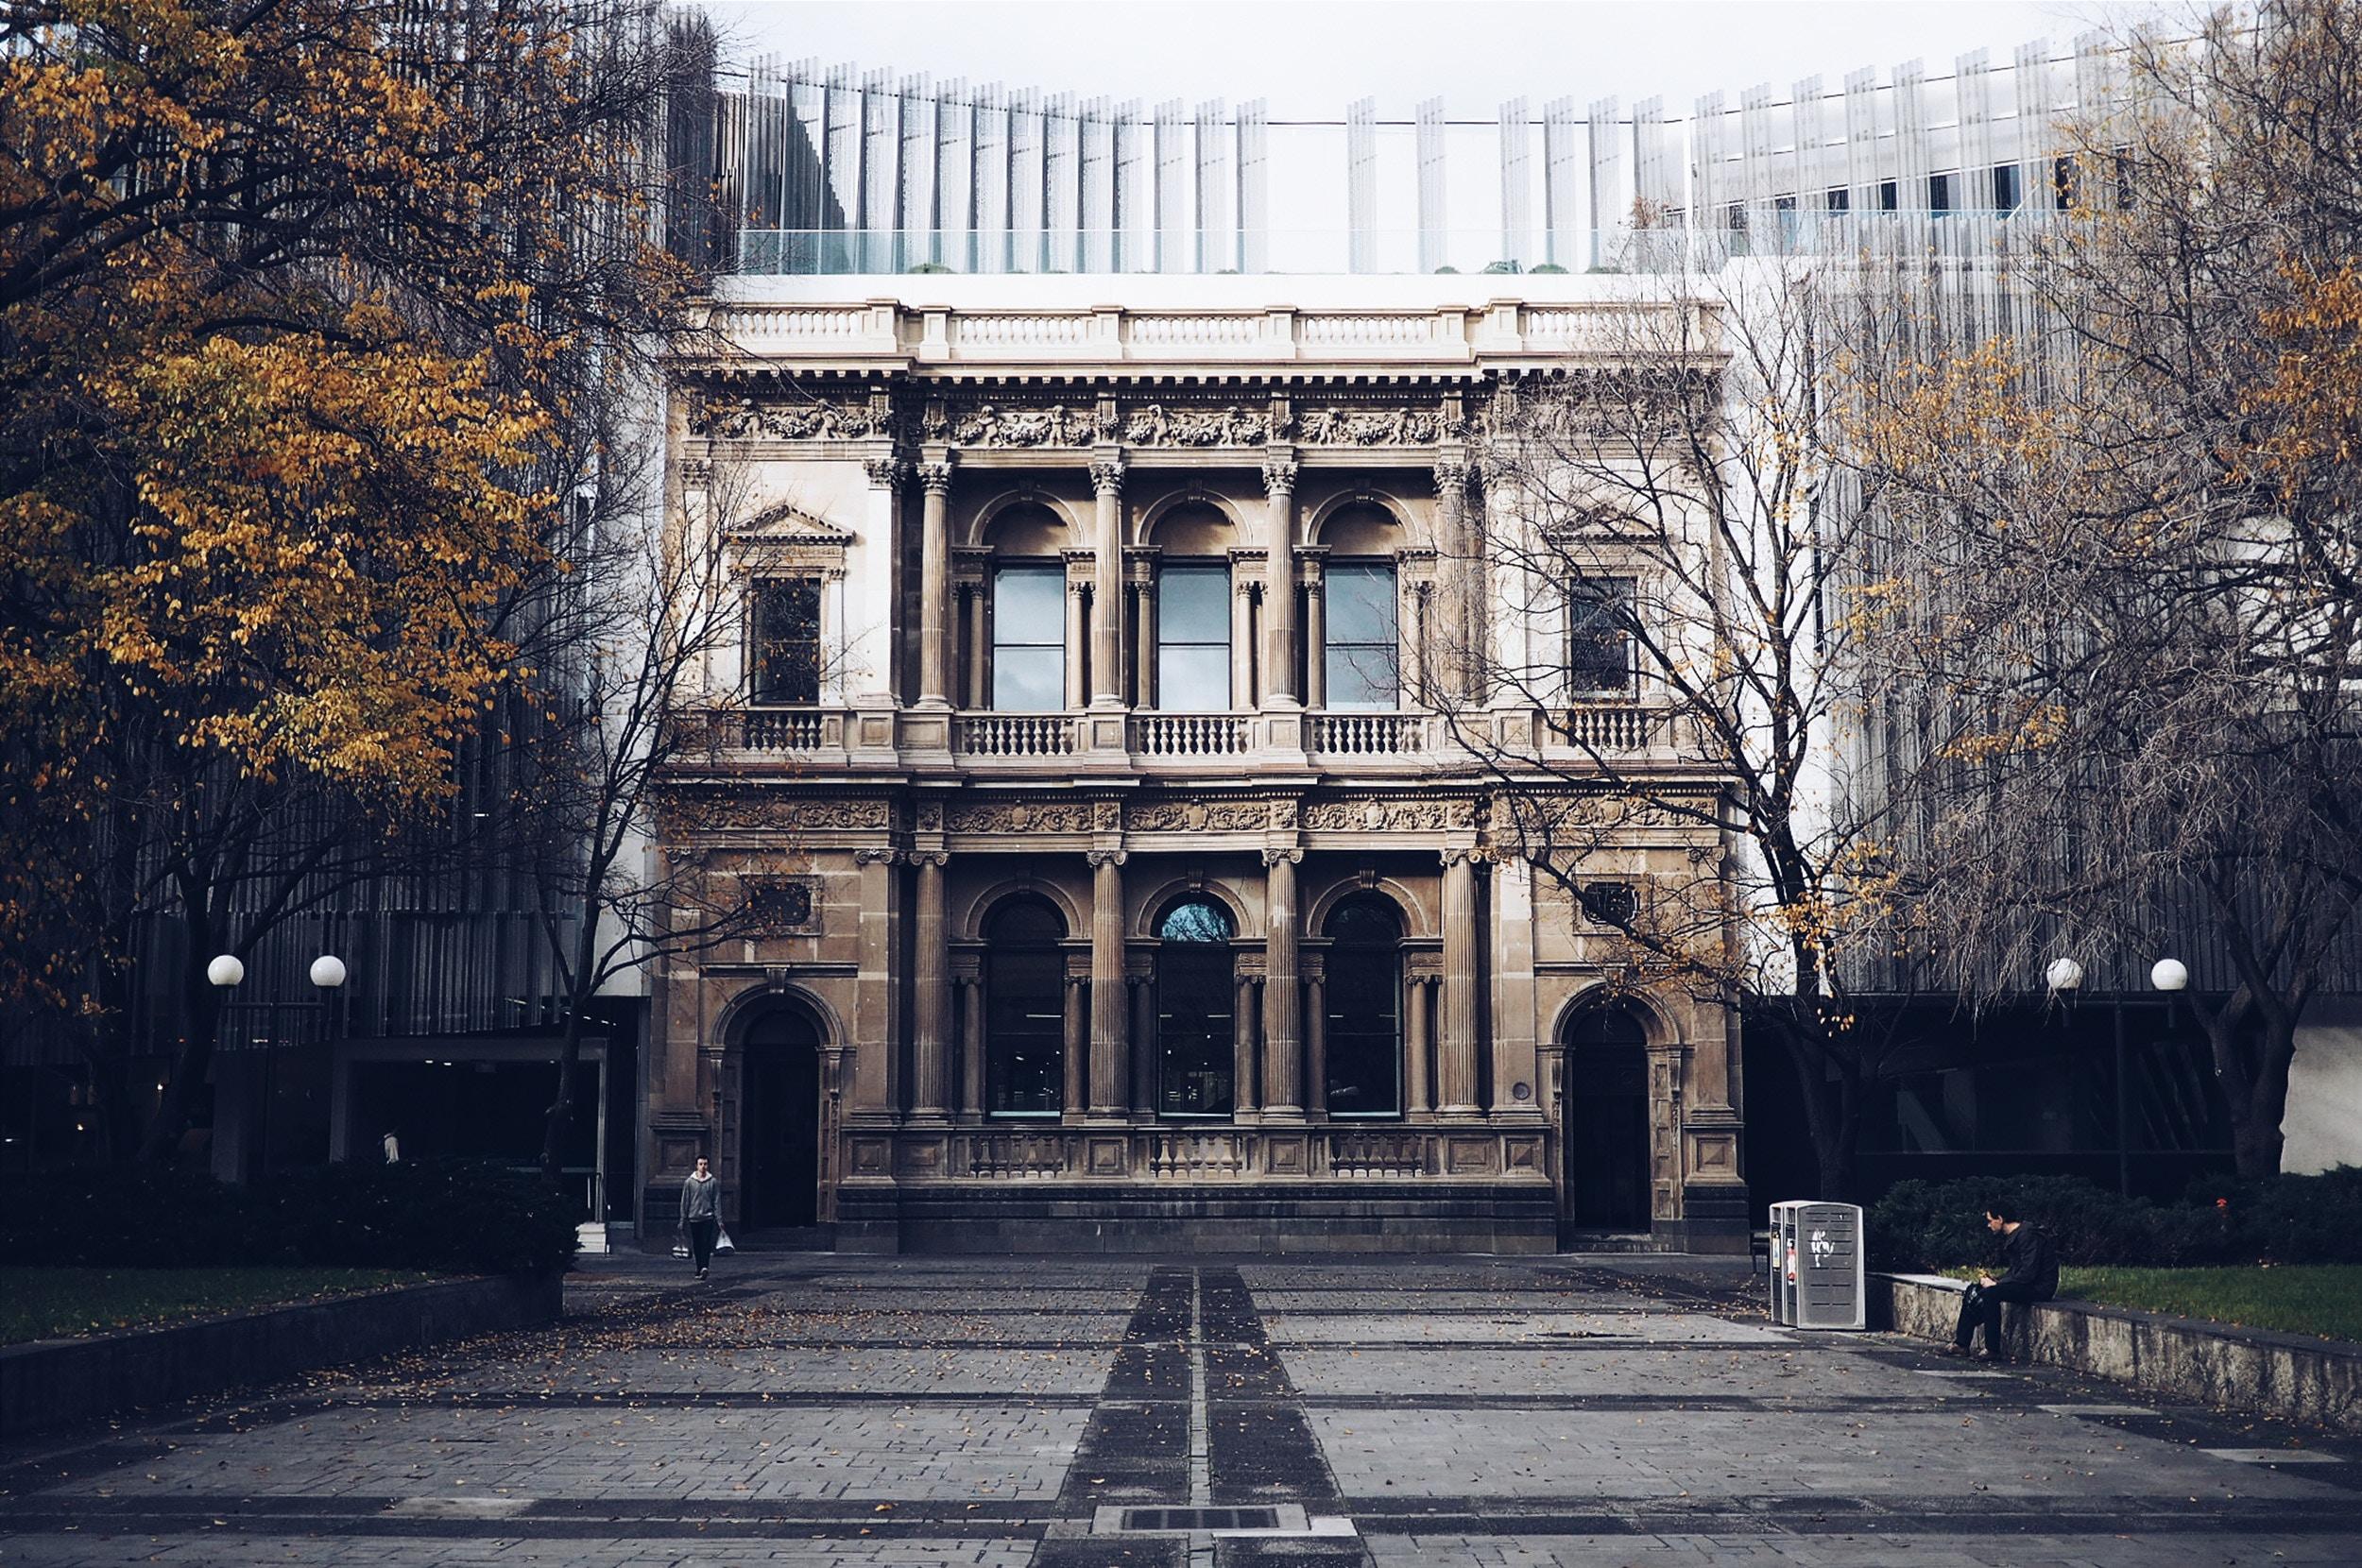 布鲁内尔大学_英国布鲁内尔大学_Brunel University London-中英网UKER.net